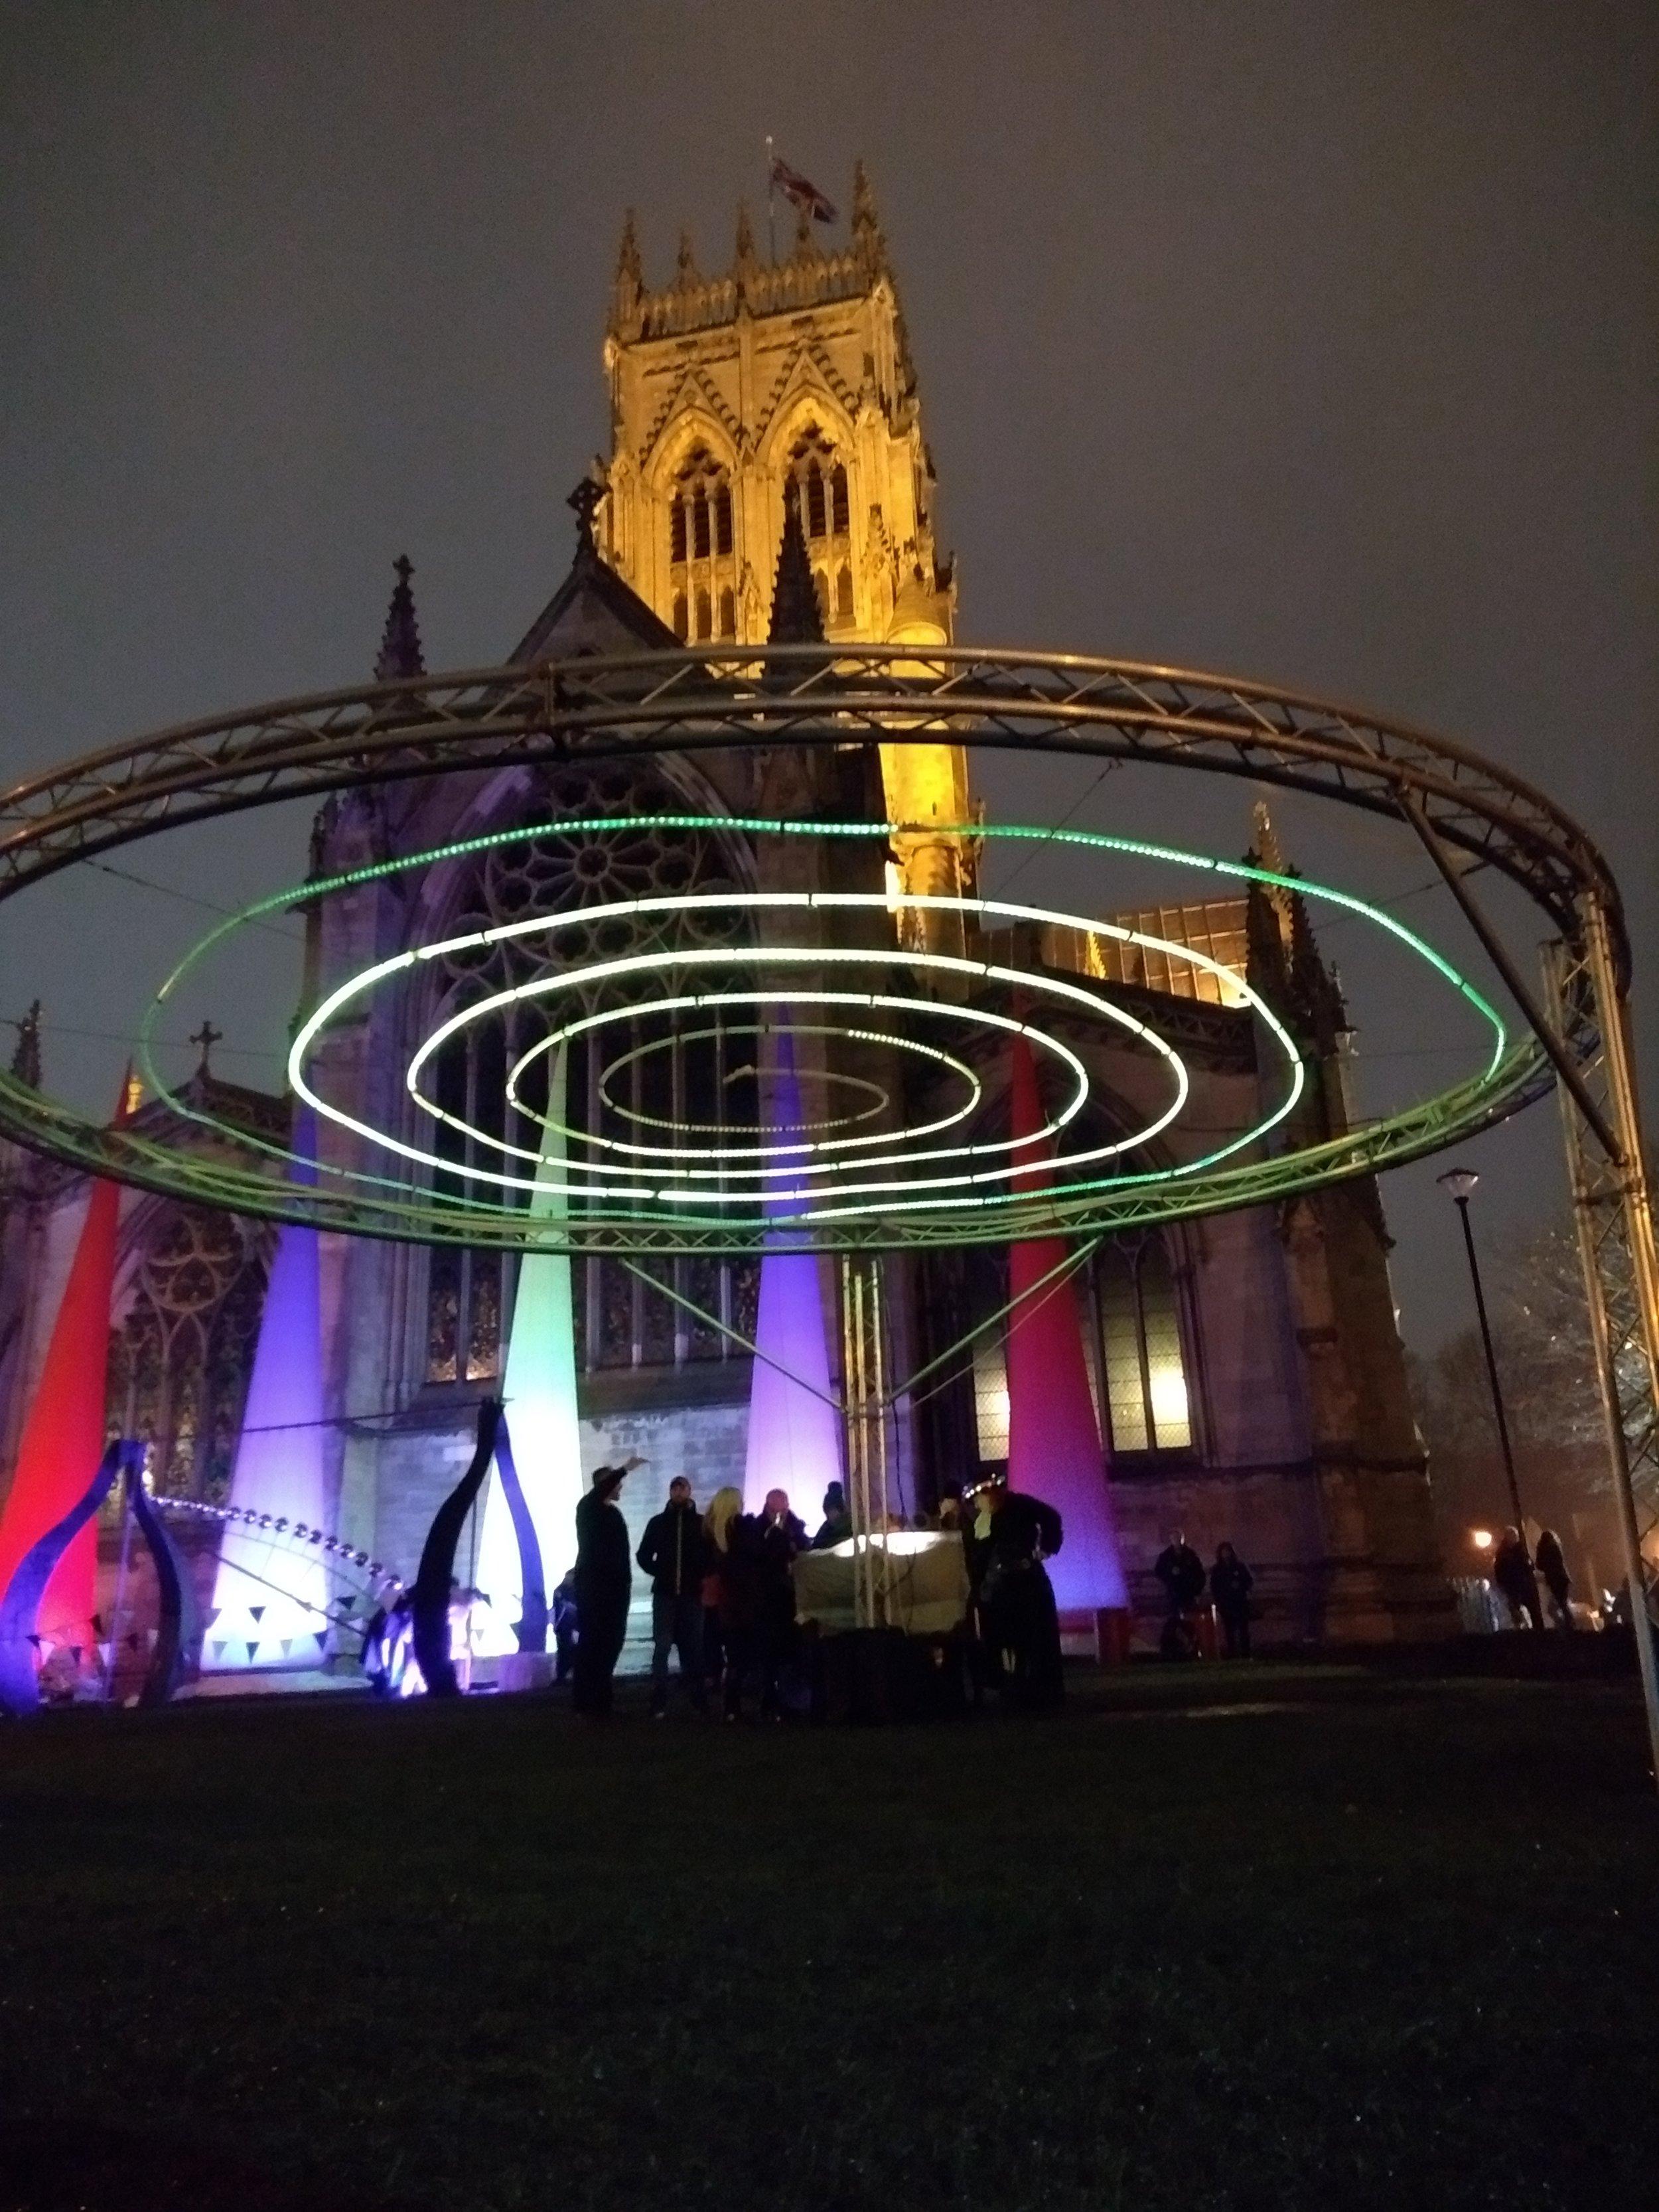 Spiral of Lights outside Doncaster Minster